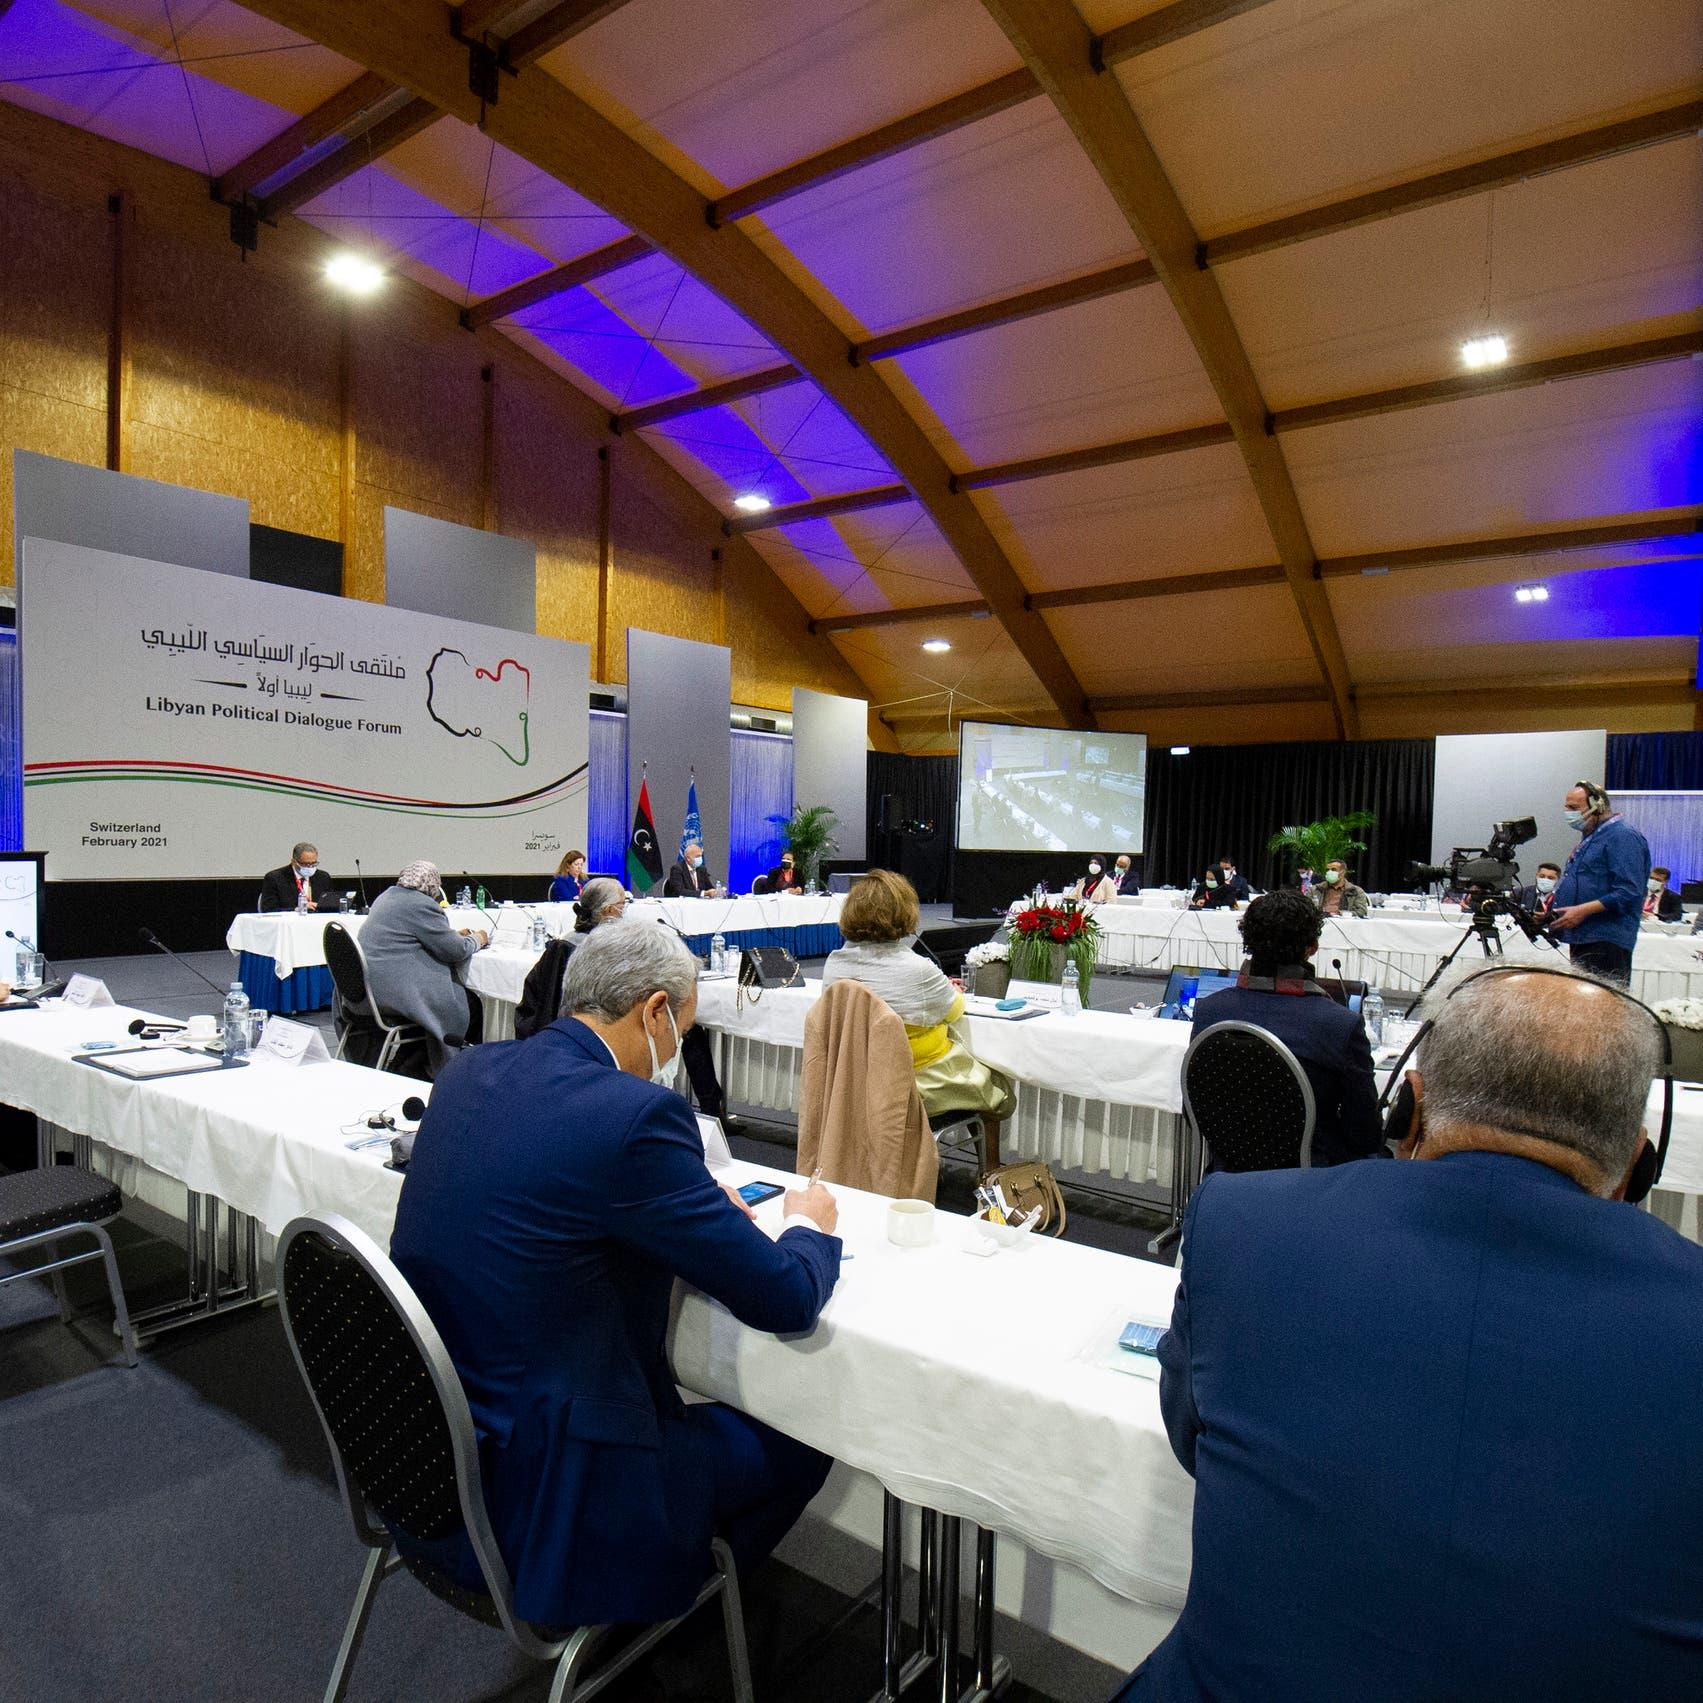 الأمم المتحدة تنتقد خروج أعضاء الحوار الليبي عن خارطة الطريق